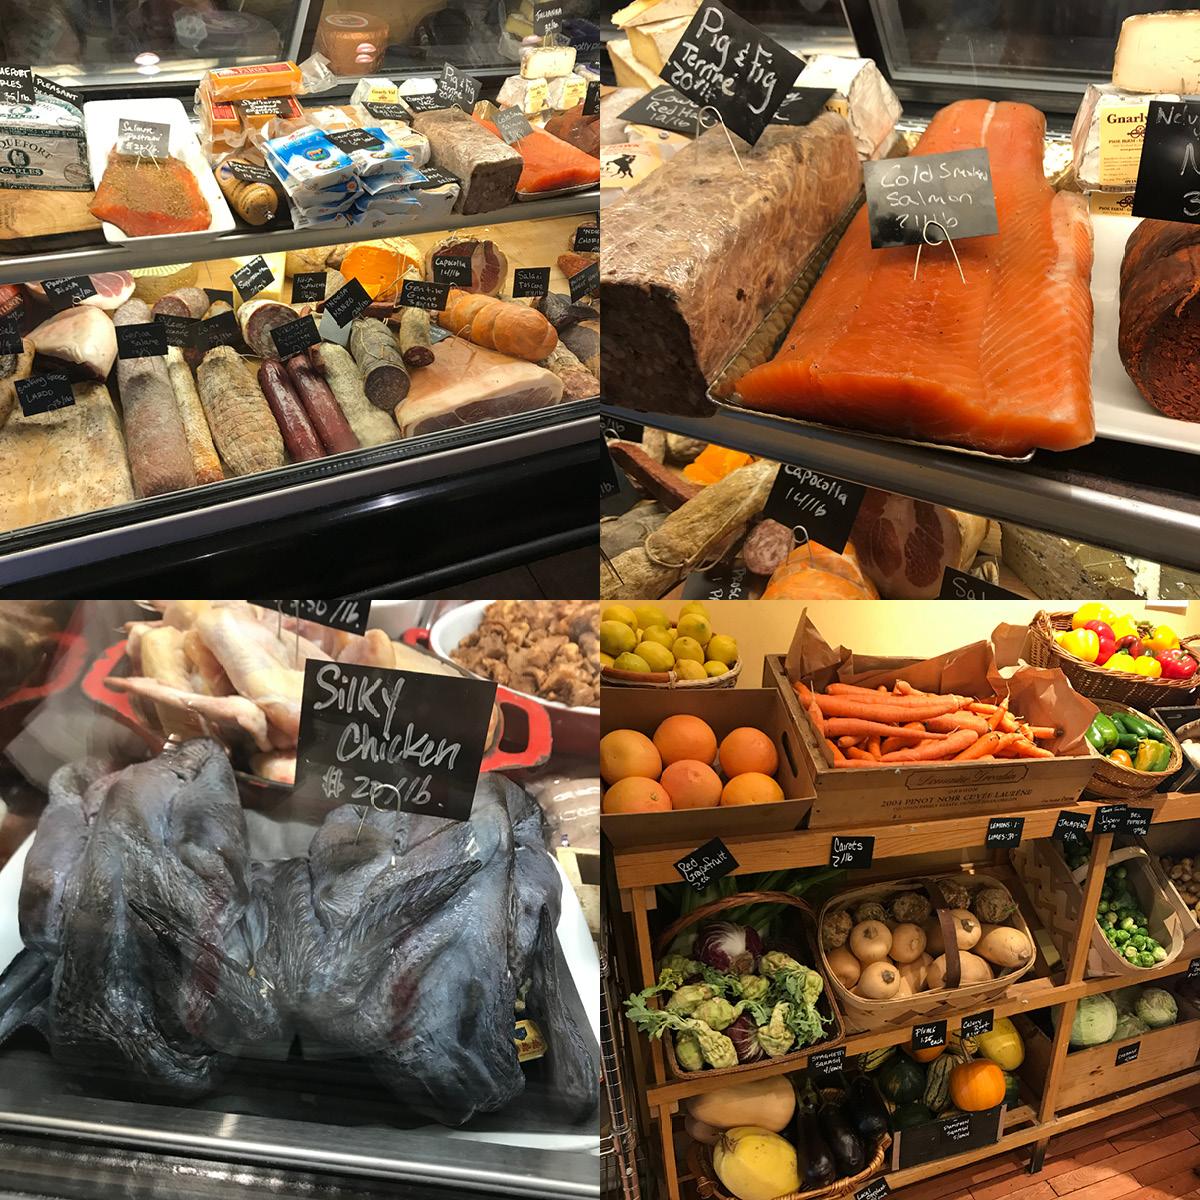 deli case, silky chicken, produce, local, smoked, salmon